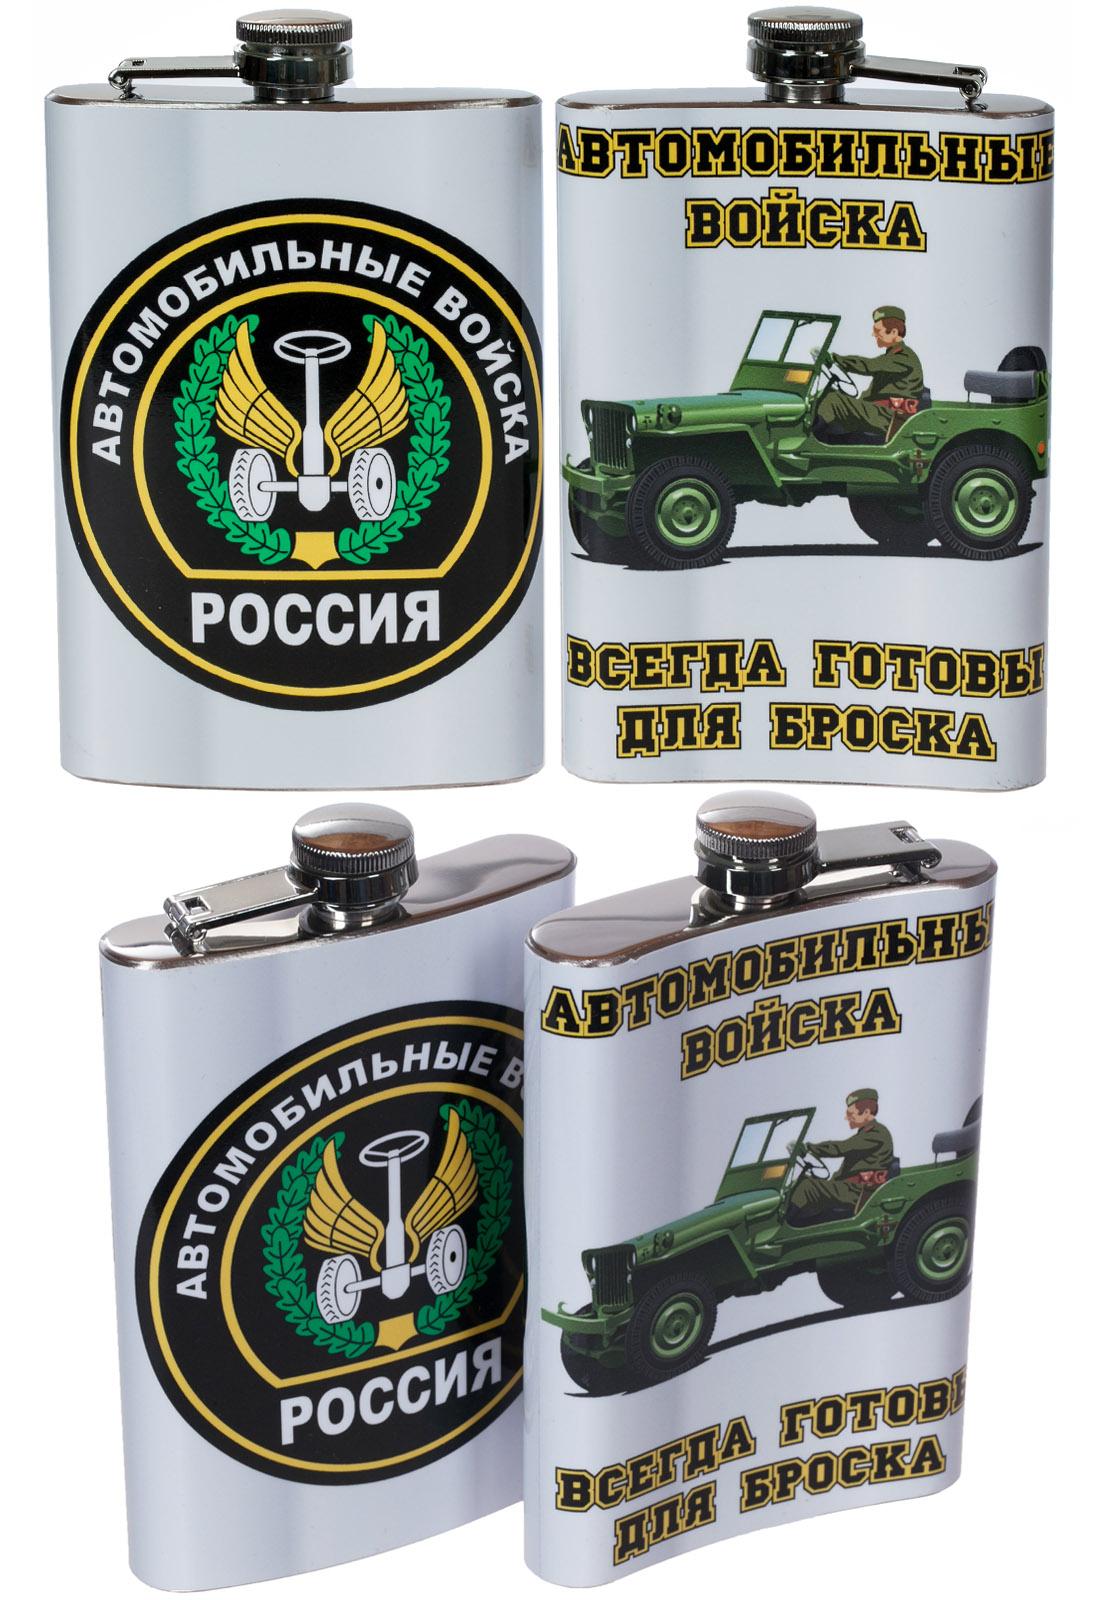 Фляжка Автомобильные Войска купить оптом и в розницу